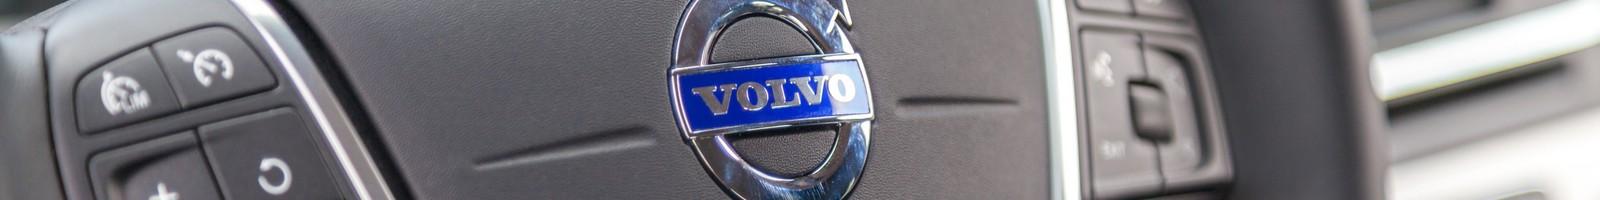 Volvo ambitionne de réduire son empreinte carbone de manière drastique